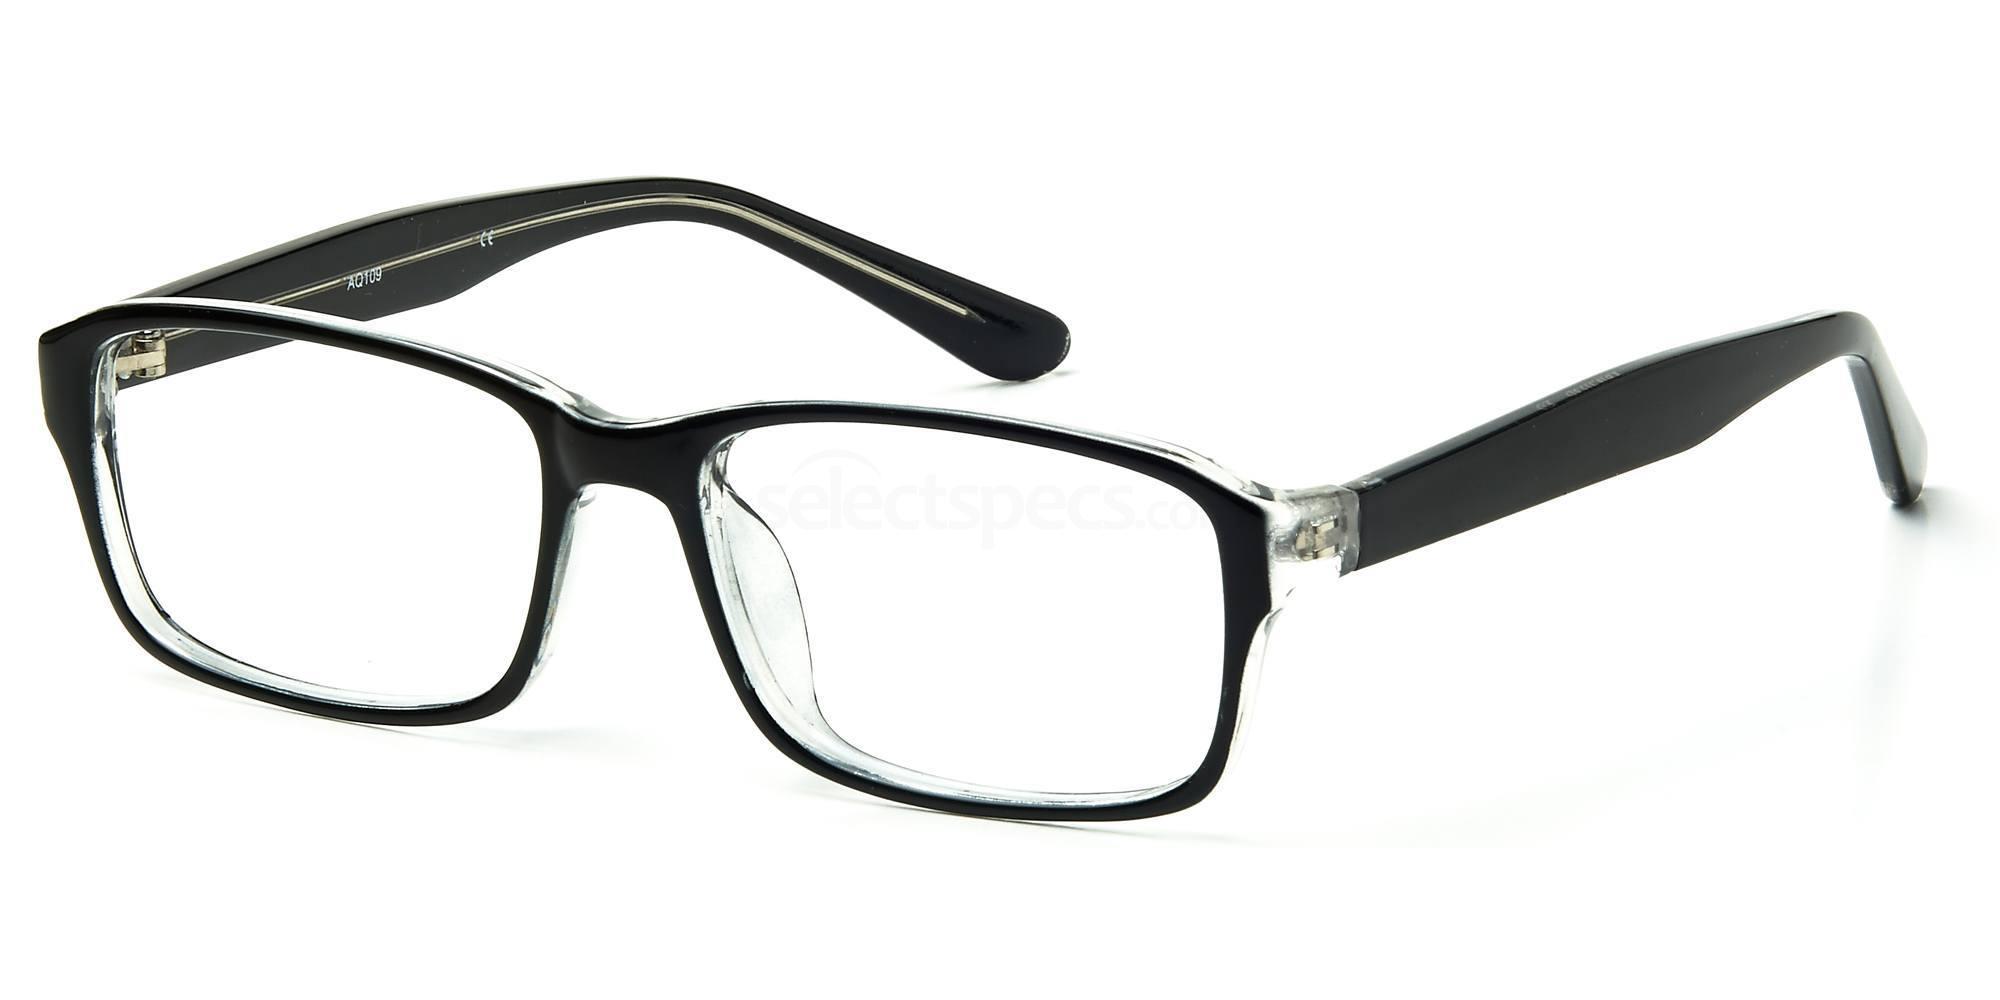 C1 AQ109 Glasses, Aquarius